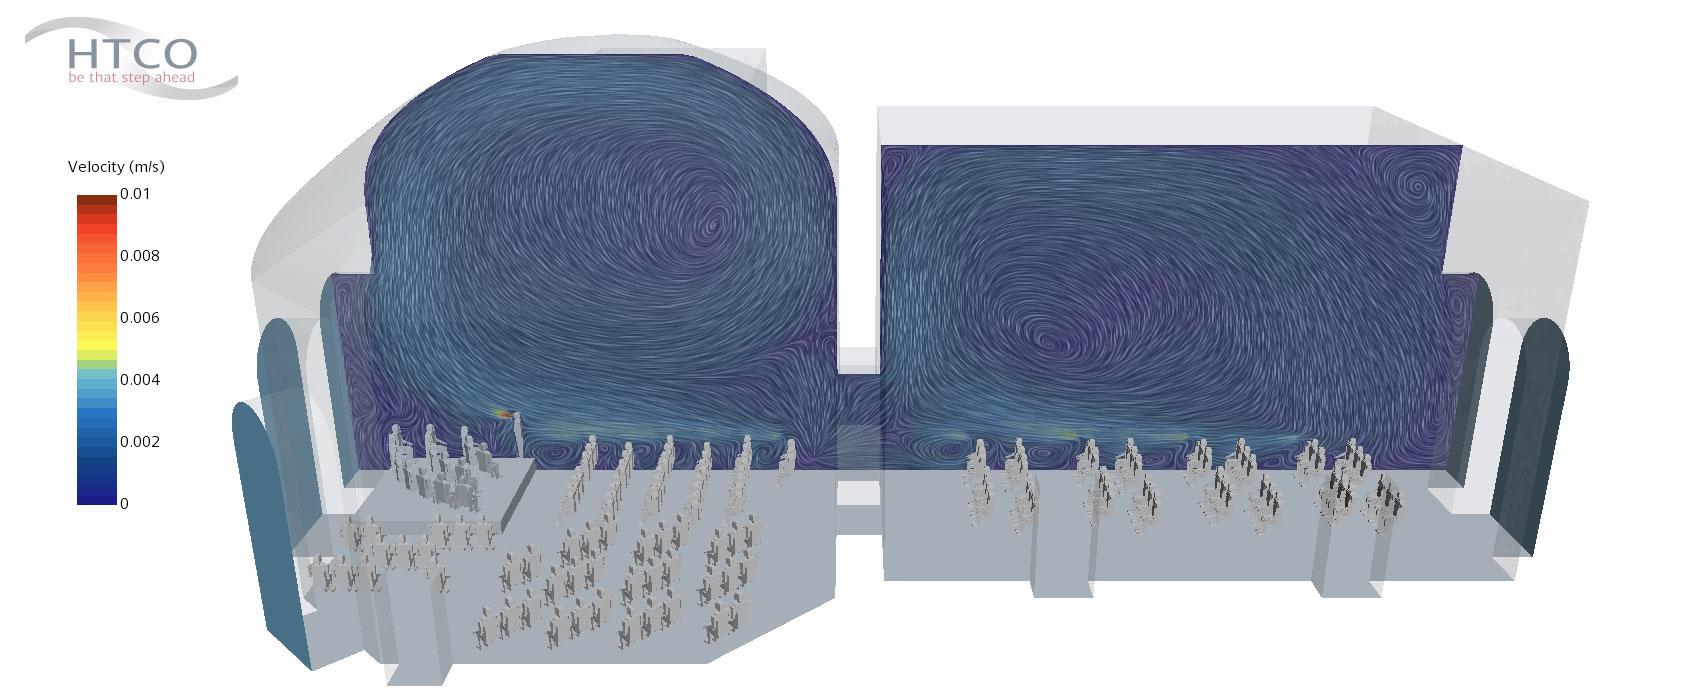 CFD-STrömungssimulation: Da das Orchester verstärkt Wärme abgibt, steigt die Luft über der Bühne nach oben und erzeugt einen Wirbel in der Gewölbedecke. Diese Luftströmung trägt potenziell infektiöse Aerosole in den unkritischen Kuppelbereich.